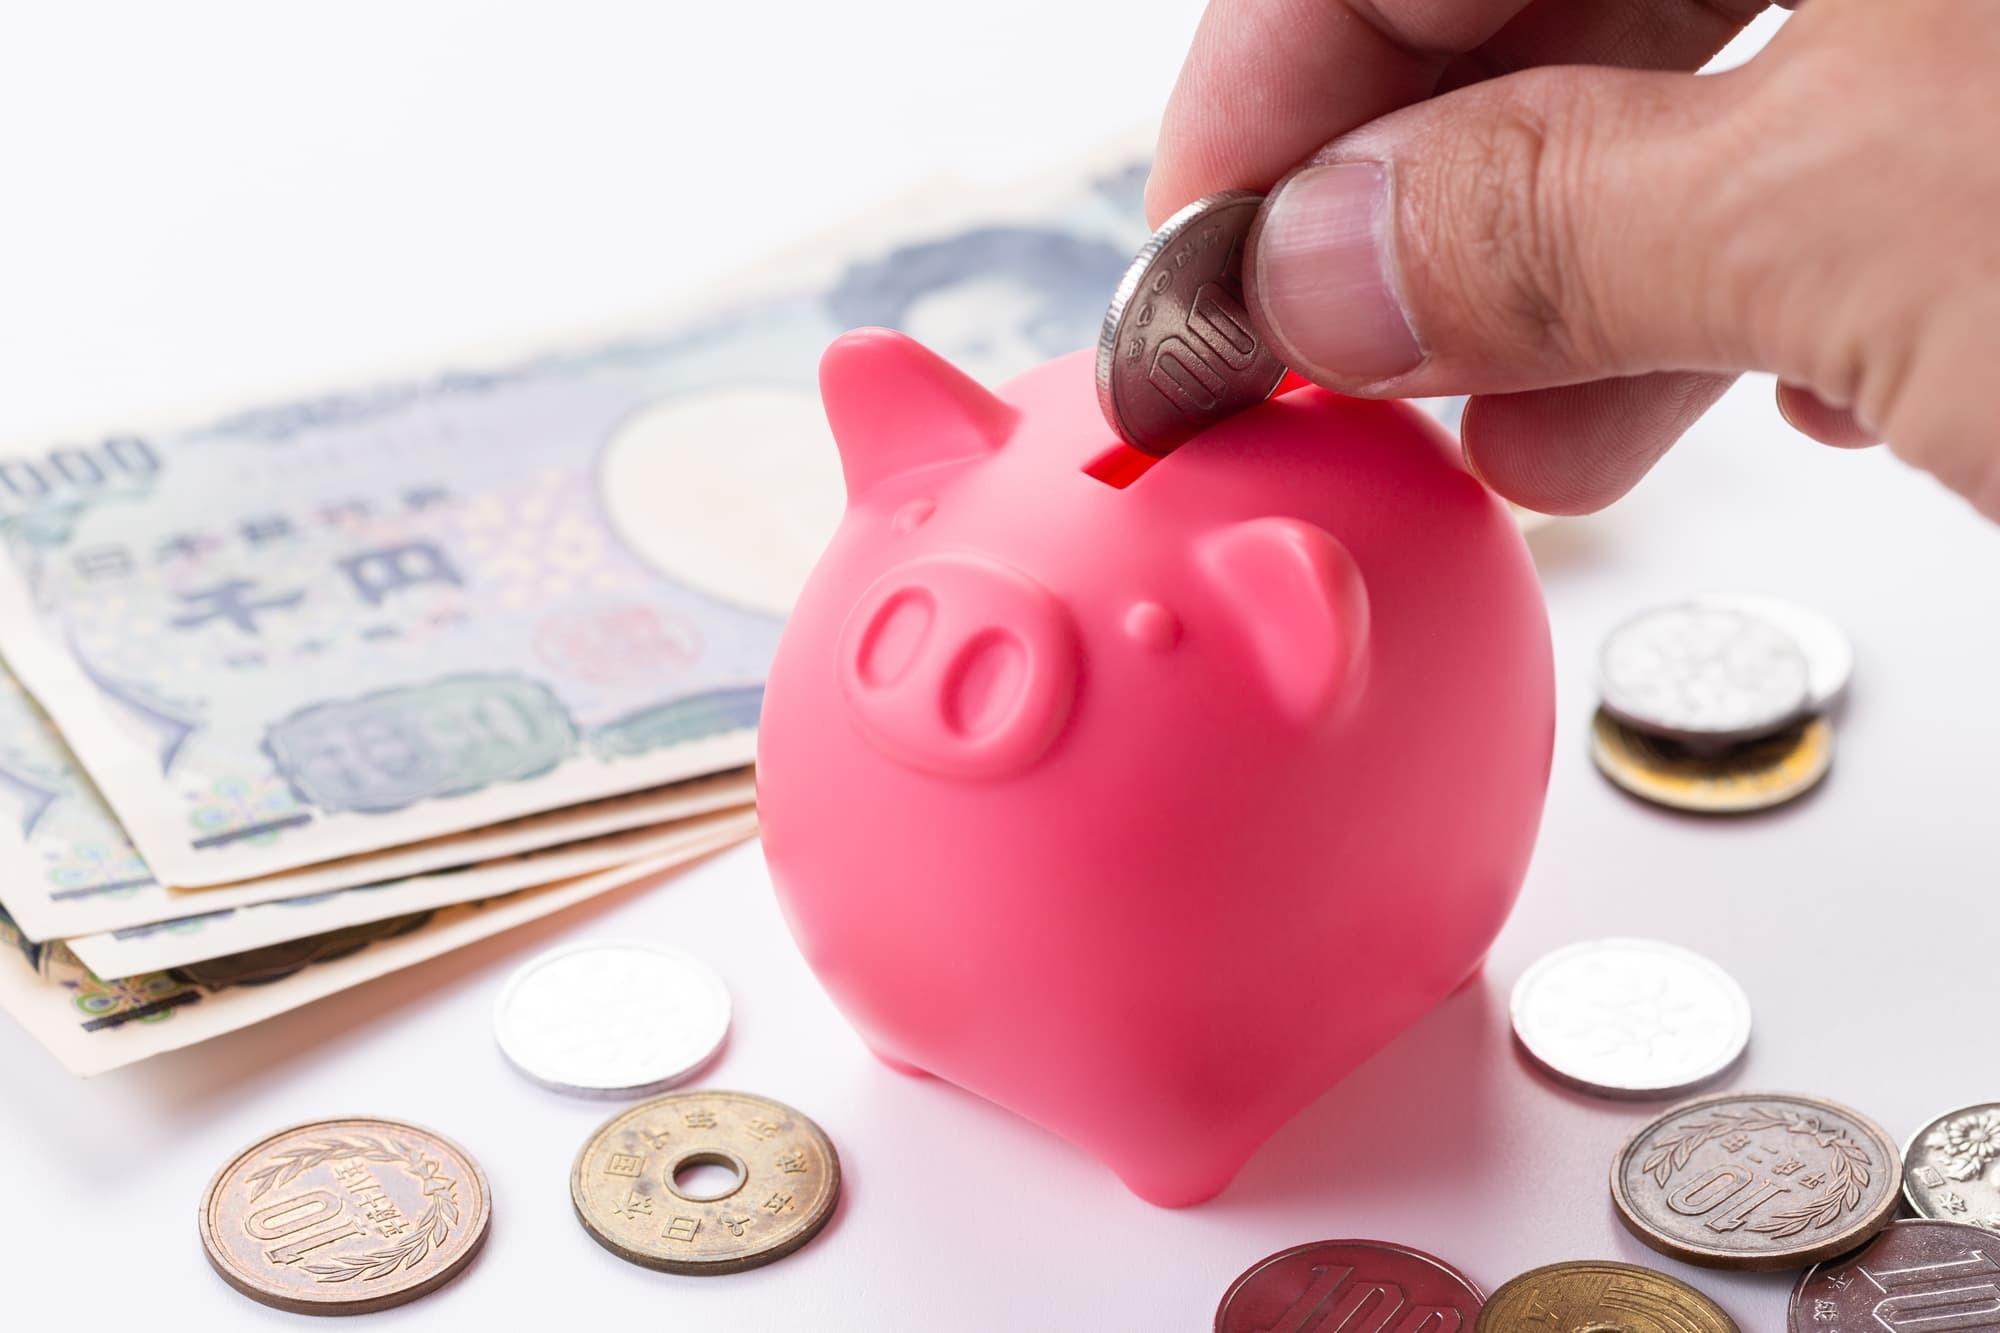 企業型確定拠出年金のメリットは?